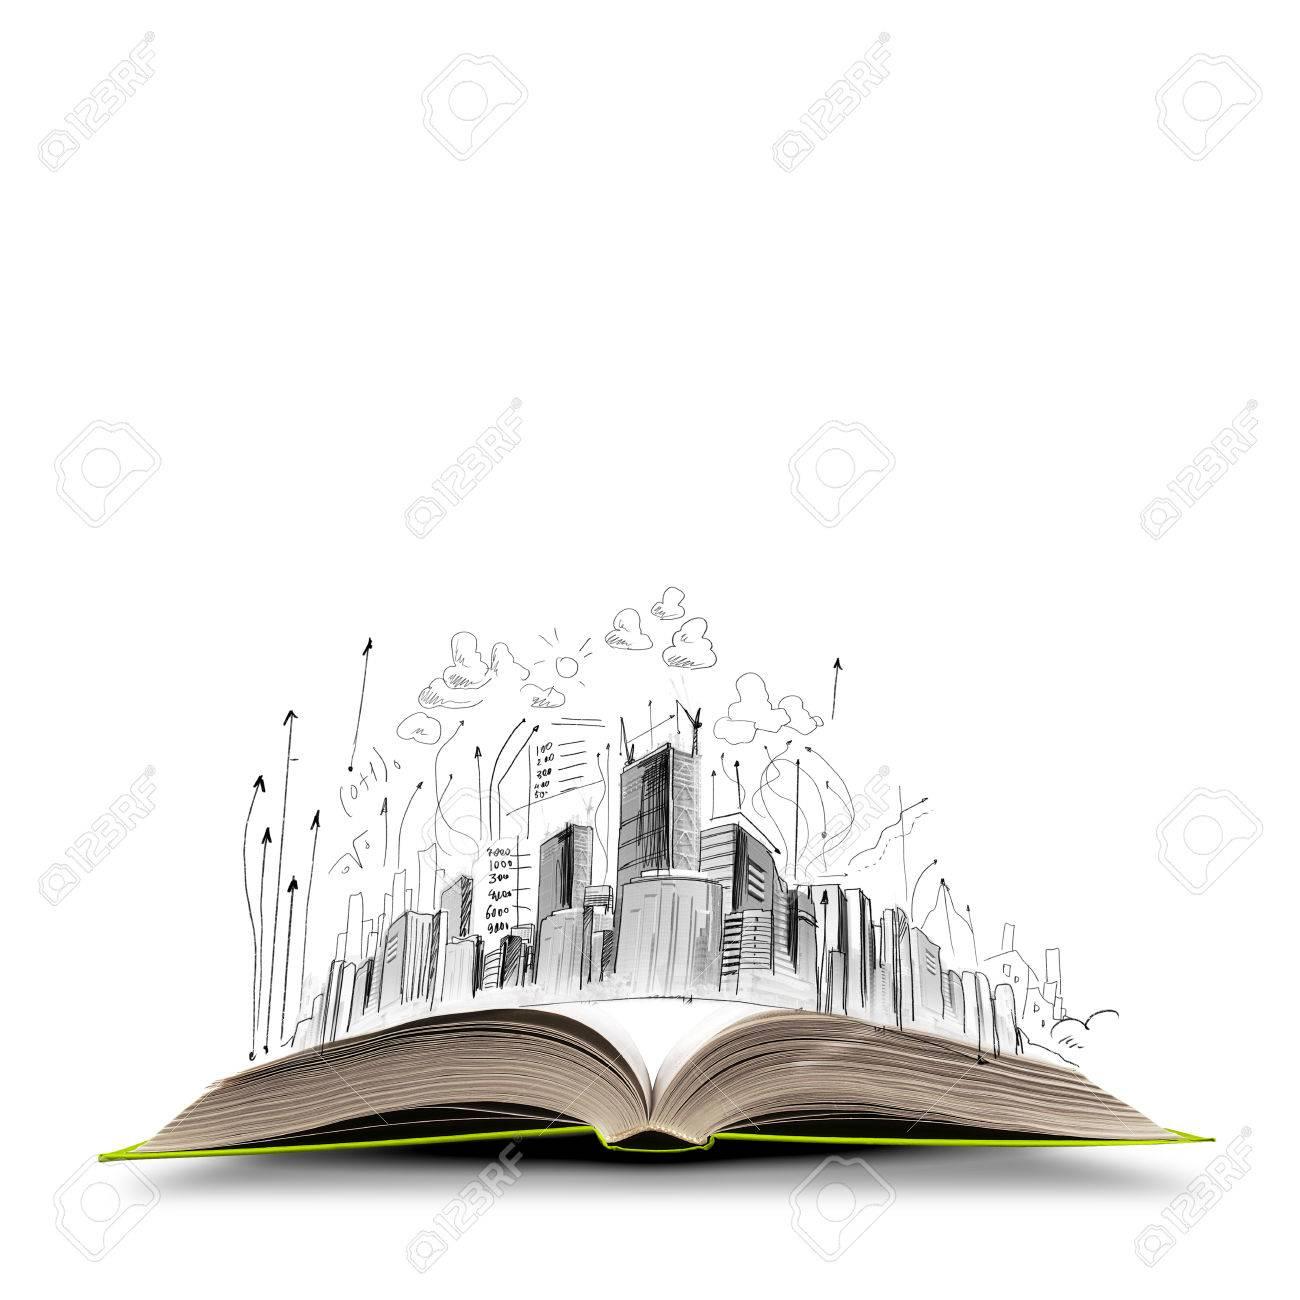 Livre Ouvert Et Les Croquis De Construction Dessin A Main